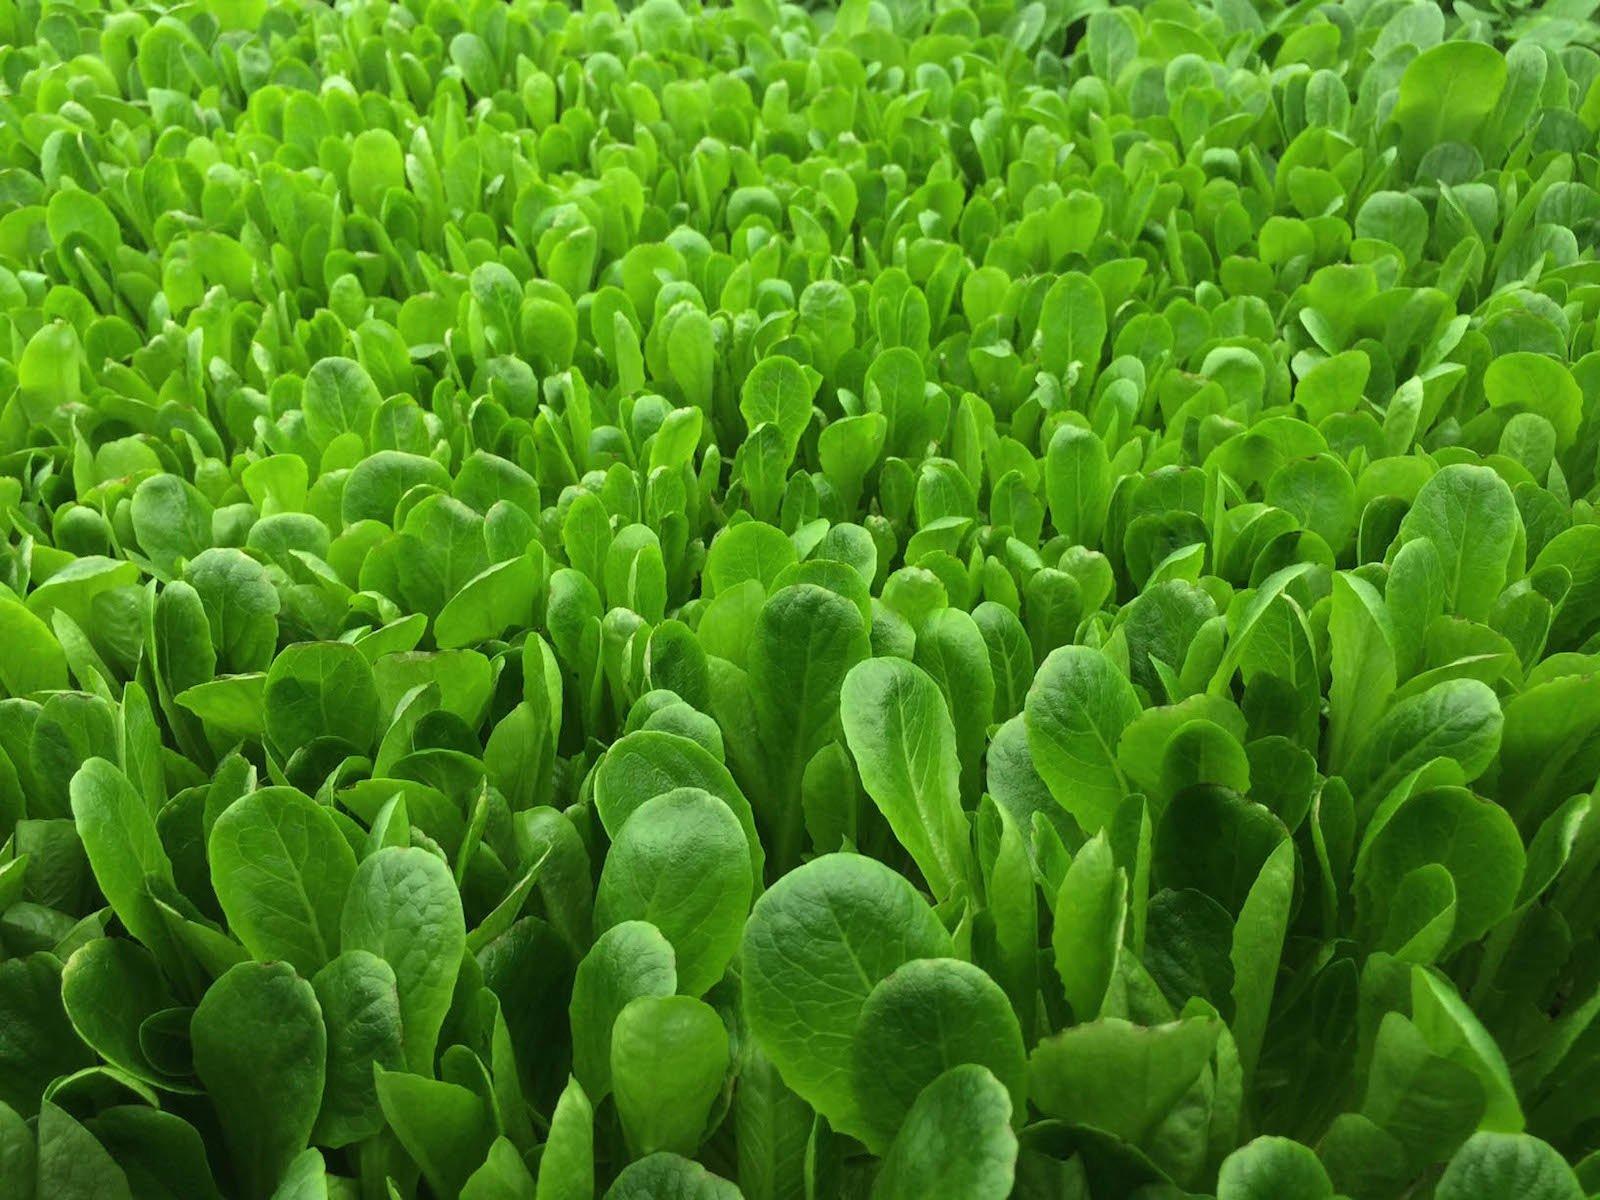 Sieht lecker aus, der Römersalat auf der Homepage von AeroFarms. LautMarc Oshima, Mitgründer und Marketingchef des Unternehmen, dauert es gerade mal 12 bis 16 Tage, bis die Pflanzen erntereif sind. Auf dem Feld sind 30 bis 45 Tage nötig.